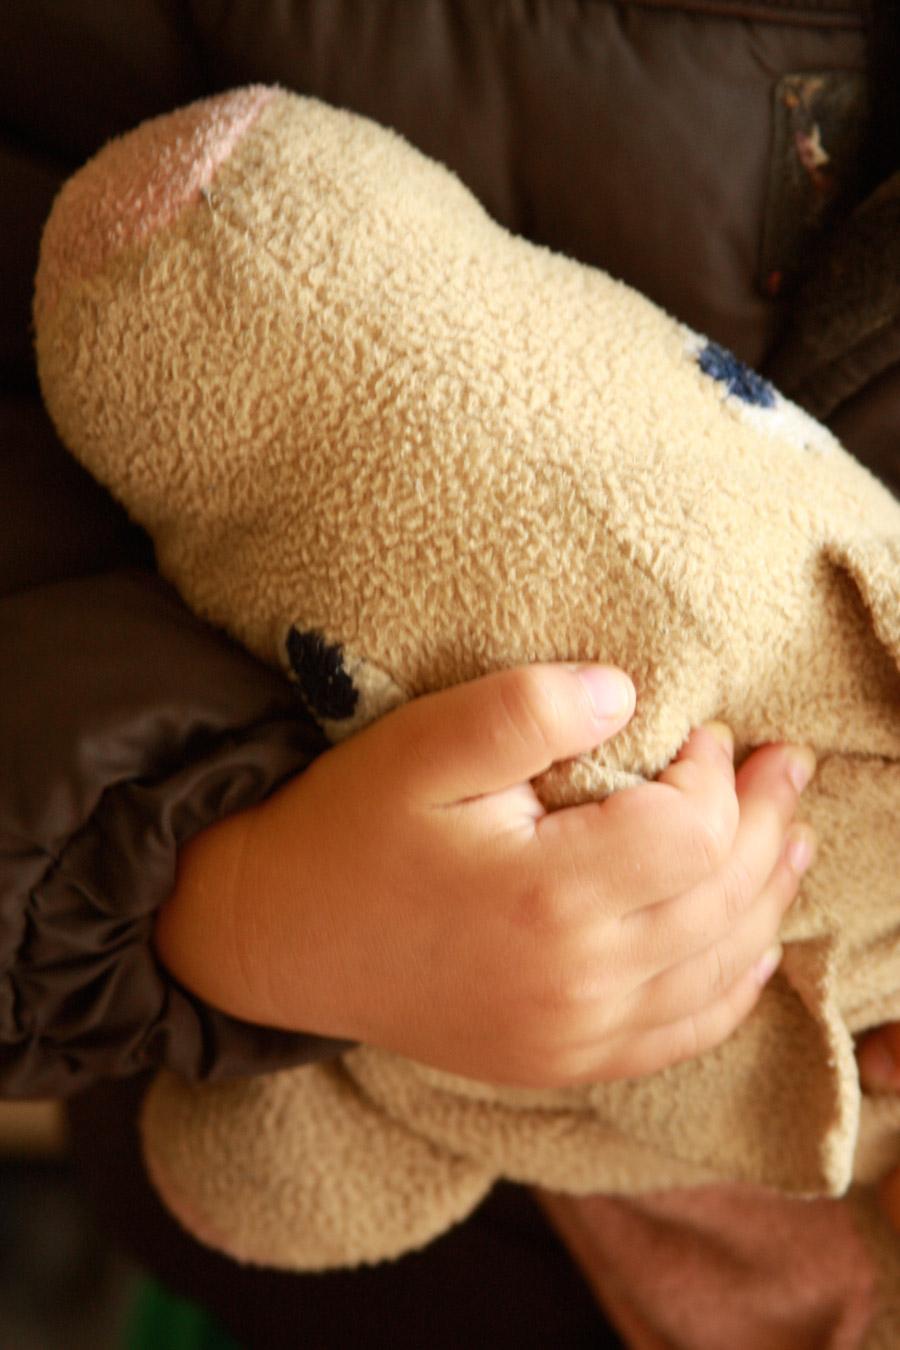 ידיים של ילד מחבקות בובת חזיר